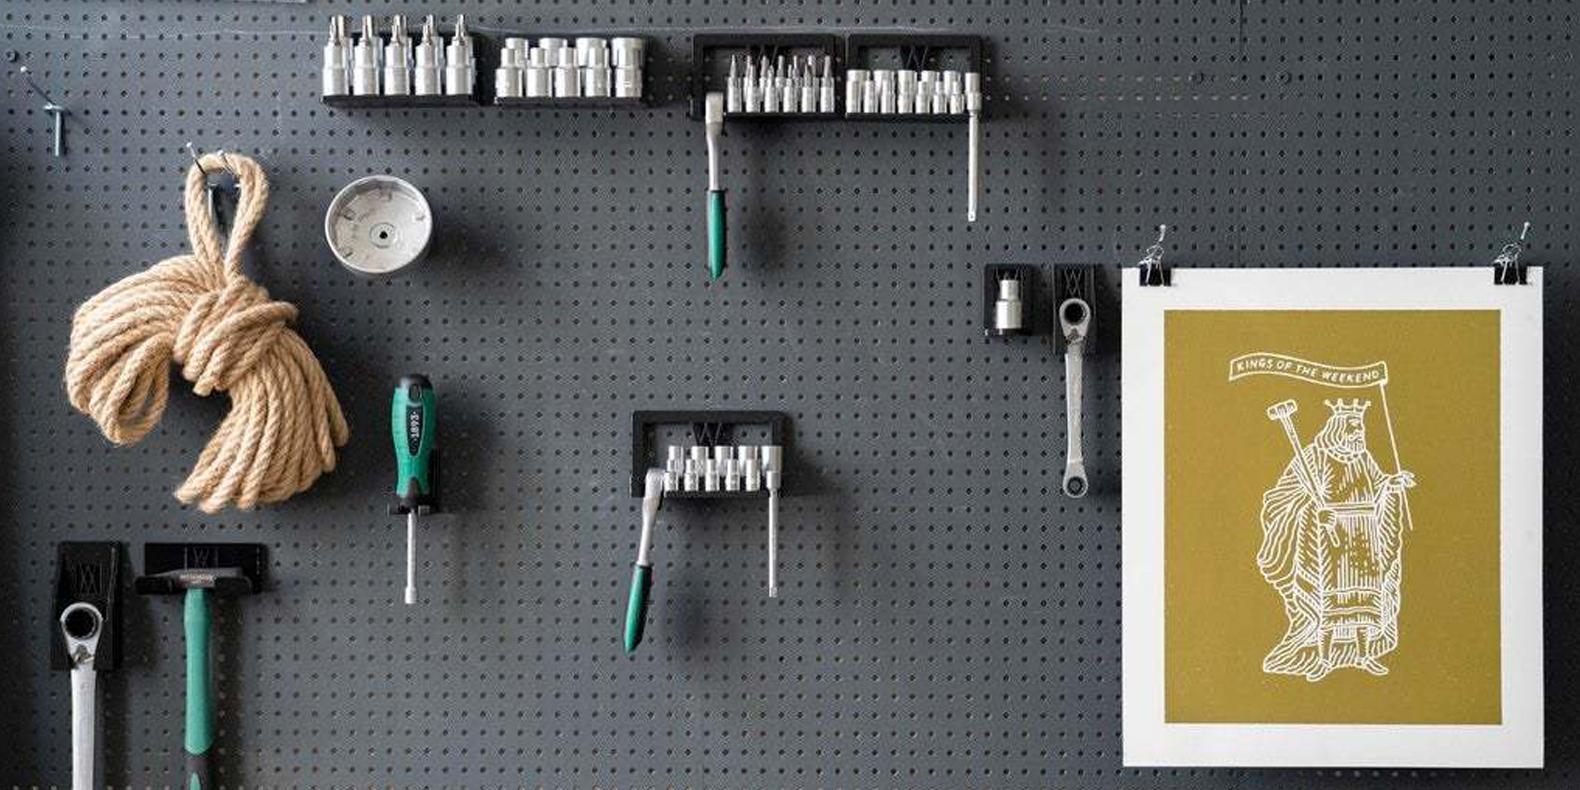 Aquí hay una selección de los mejores modelos 3D imprimibles en 3D para organizar su tablero de clavijas